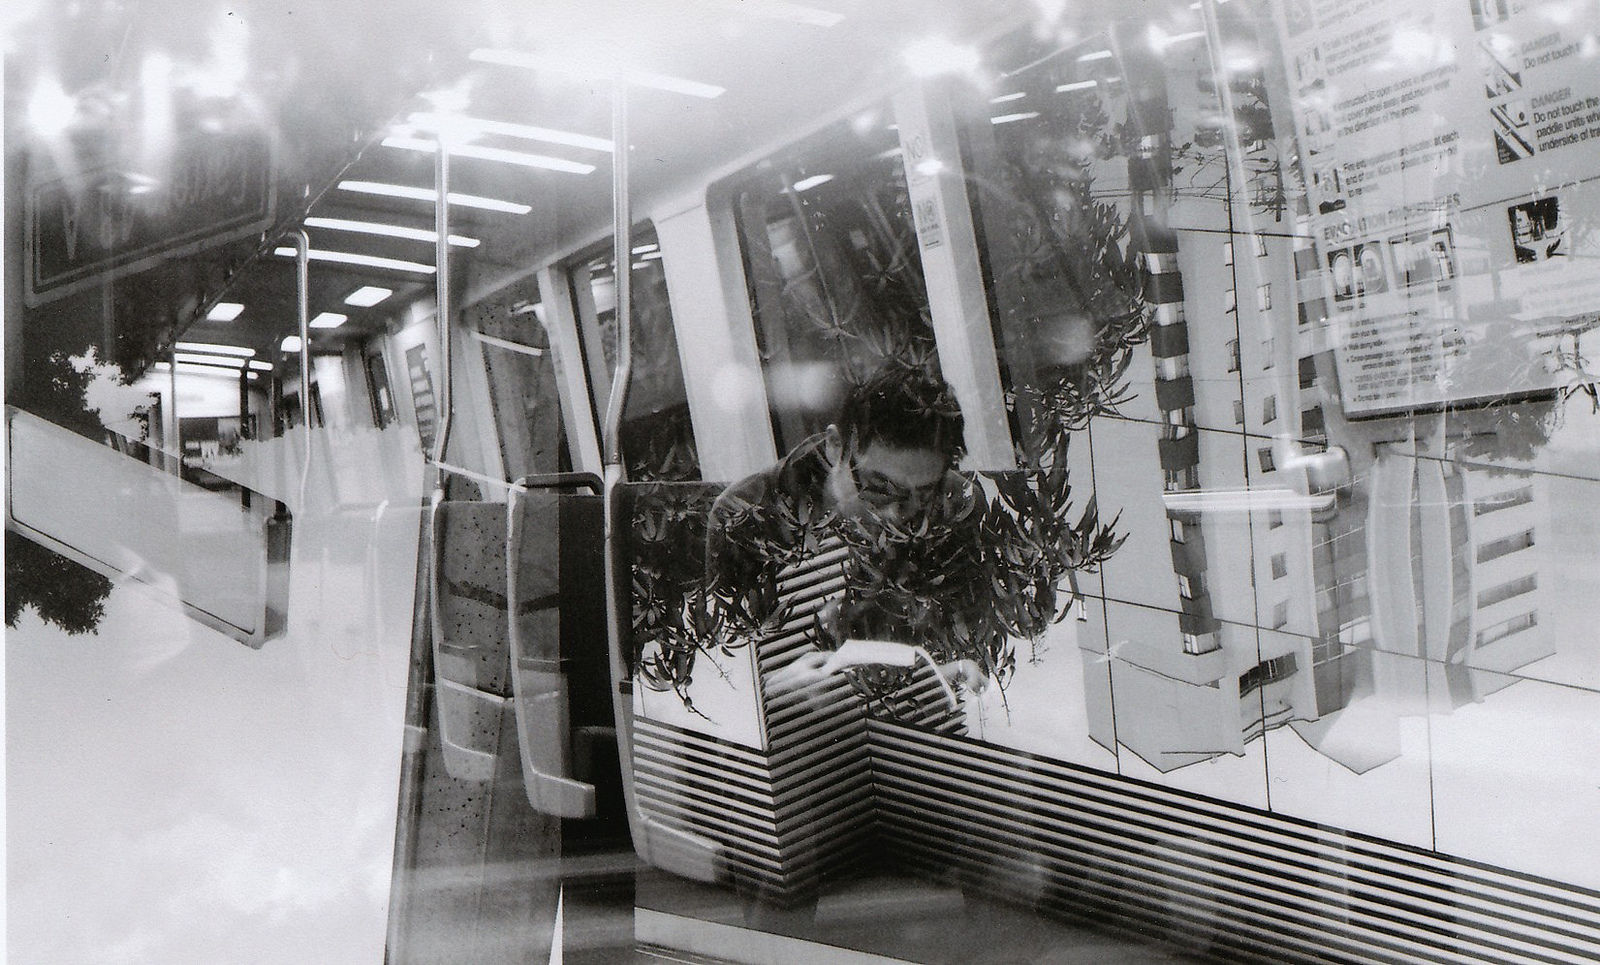 SNAP: Dreaming Transit